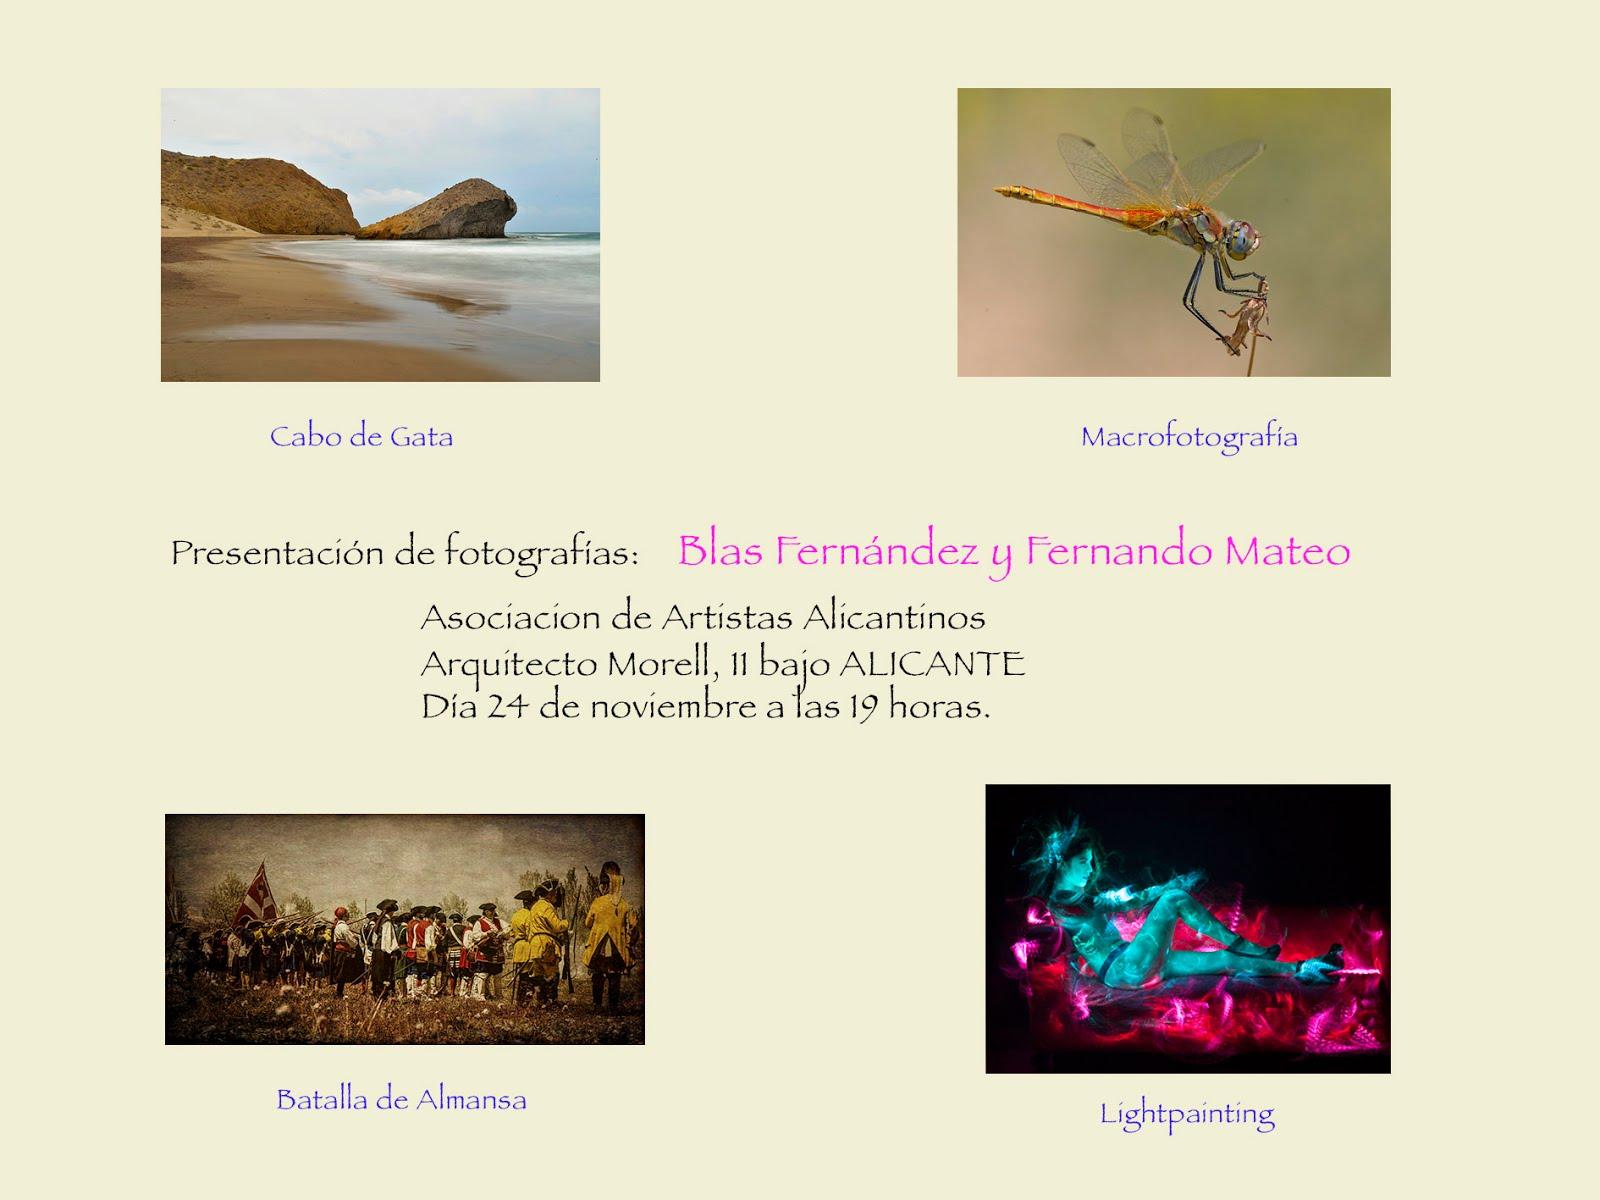 PROYECCIONES DE FOTOGRAFÍAS